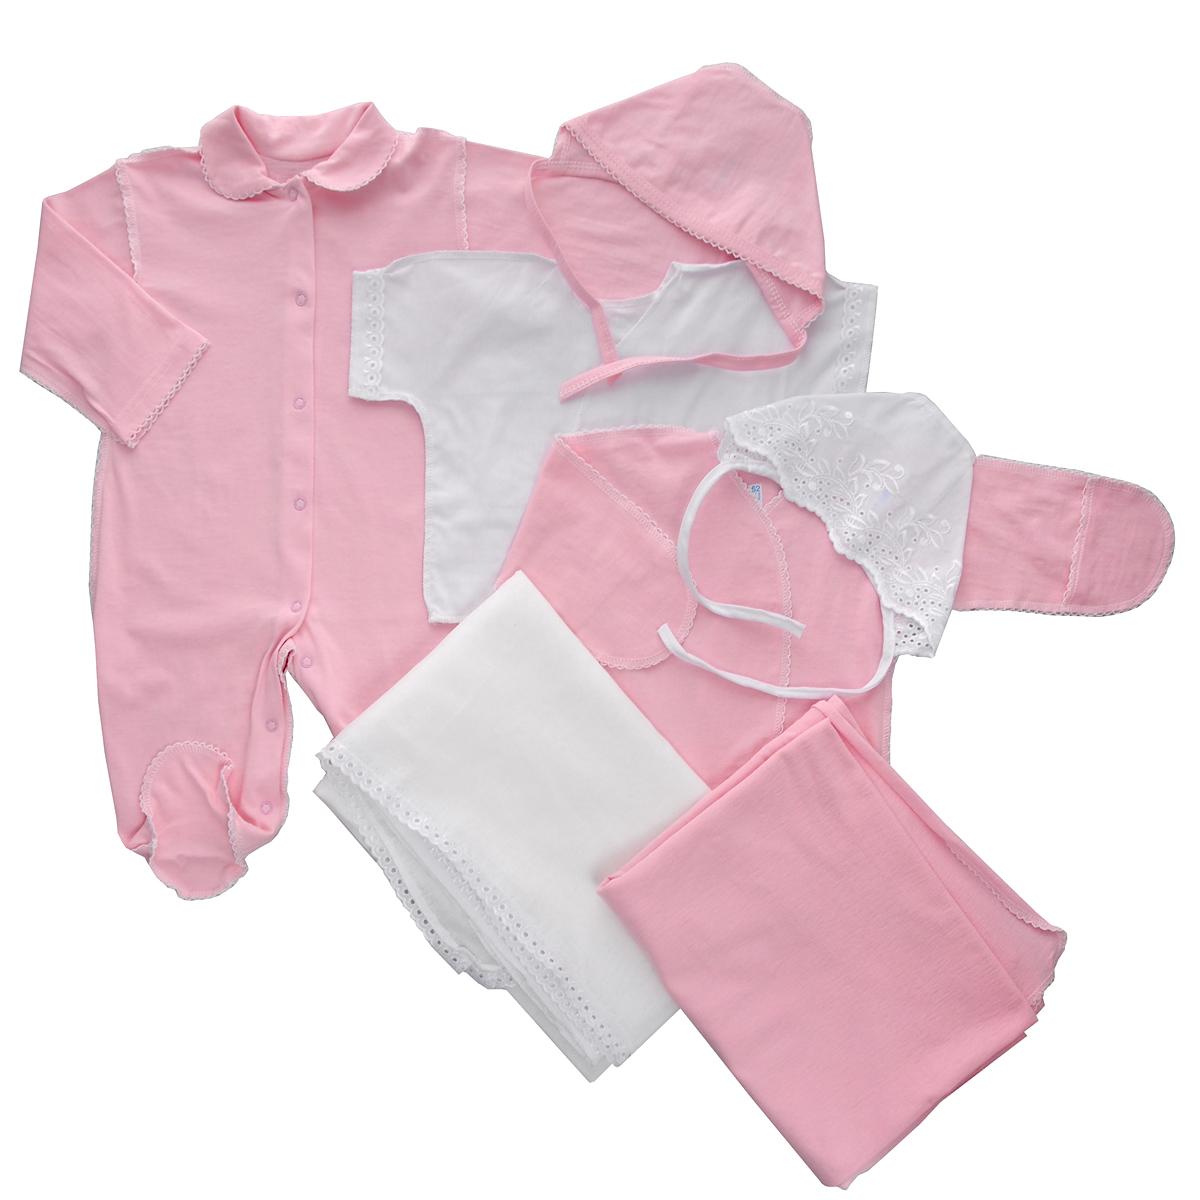 Комплект для новорожденного Трон-Плюс, 7 предметов, цвет: белый, розовый. 3472. Размер 62, 3 месяца3472Комплект для новорожденного Трон-плюс - это замечательный подарок, который прекрасно подойдет для первых дней жизни малыша. Комплект состоит из комбинезона, двух распашонок, двух чепчиков и двух пеленок. Комплект изготовлен из натурального хлопка, благодаря чему он необычайно мягкий и приятный на ощупь, не сковывает движения младенца и позволяет коже дышать, не раздражает даже самую нежную и чувствительную кожу ребенка, обеспечивая ему наибольший комфорт. Легкая распашонка с короткими рукавами выполнена швами наружу. Изделие украшено вышивкой, а рукава декорированы ажурными рюшами.Распашонка с длинными рукавами и с запахом выполнена швами наружу. Оформлено изделие ажурными петельками. Рукава дополнены рукавичками, которые обеспечат вашему малышу комфорт во время сна и бодрствования, предохраняя нежную кожу новорожденного от расцарапывания. Рукавички можно завернуть. Чепчик защищает еще не заросший родничок, щадит чувствительный слух малыша, прикрывая ушки, и предохраняет от теплопотерь. Комплект содержит два чепчика: один - легкий мягкий чепчик с завязками выполнен швами наружу и украшен вышивками, а второй - легкий мягкий чепчик также выполнен швами наружу и украшен ажурными рюшами. Очаровательный комбинезон с длинными рукавами, закрытыми ножками и отложным воротничком имеет застежки-кнопки по всей длине и на ластовице, которые помогают с легкостью переодеть ребенка или сменить подгузник. Комбинезон выполнен швами наружу и украшен ажурными петельками. Пеленка станет незаменимым помощником в деле ухода за ребенком. В комплект входят две пеленки, одна из которых украшена вышивкой и ажурными рюшами, а другая - ажурными петельками. В таком комплекте ваш малыш будет чувствовать себя комфортно, уютно и всегда будет в центре внимания!